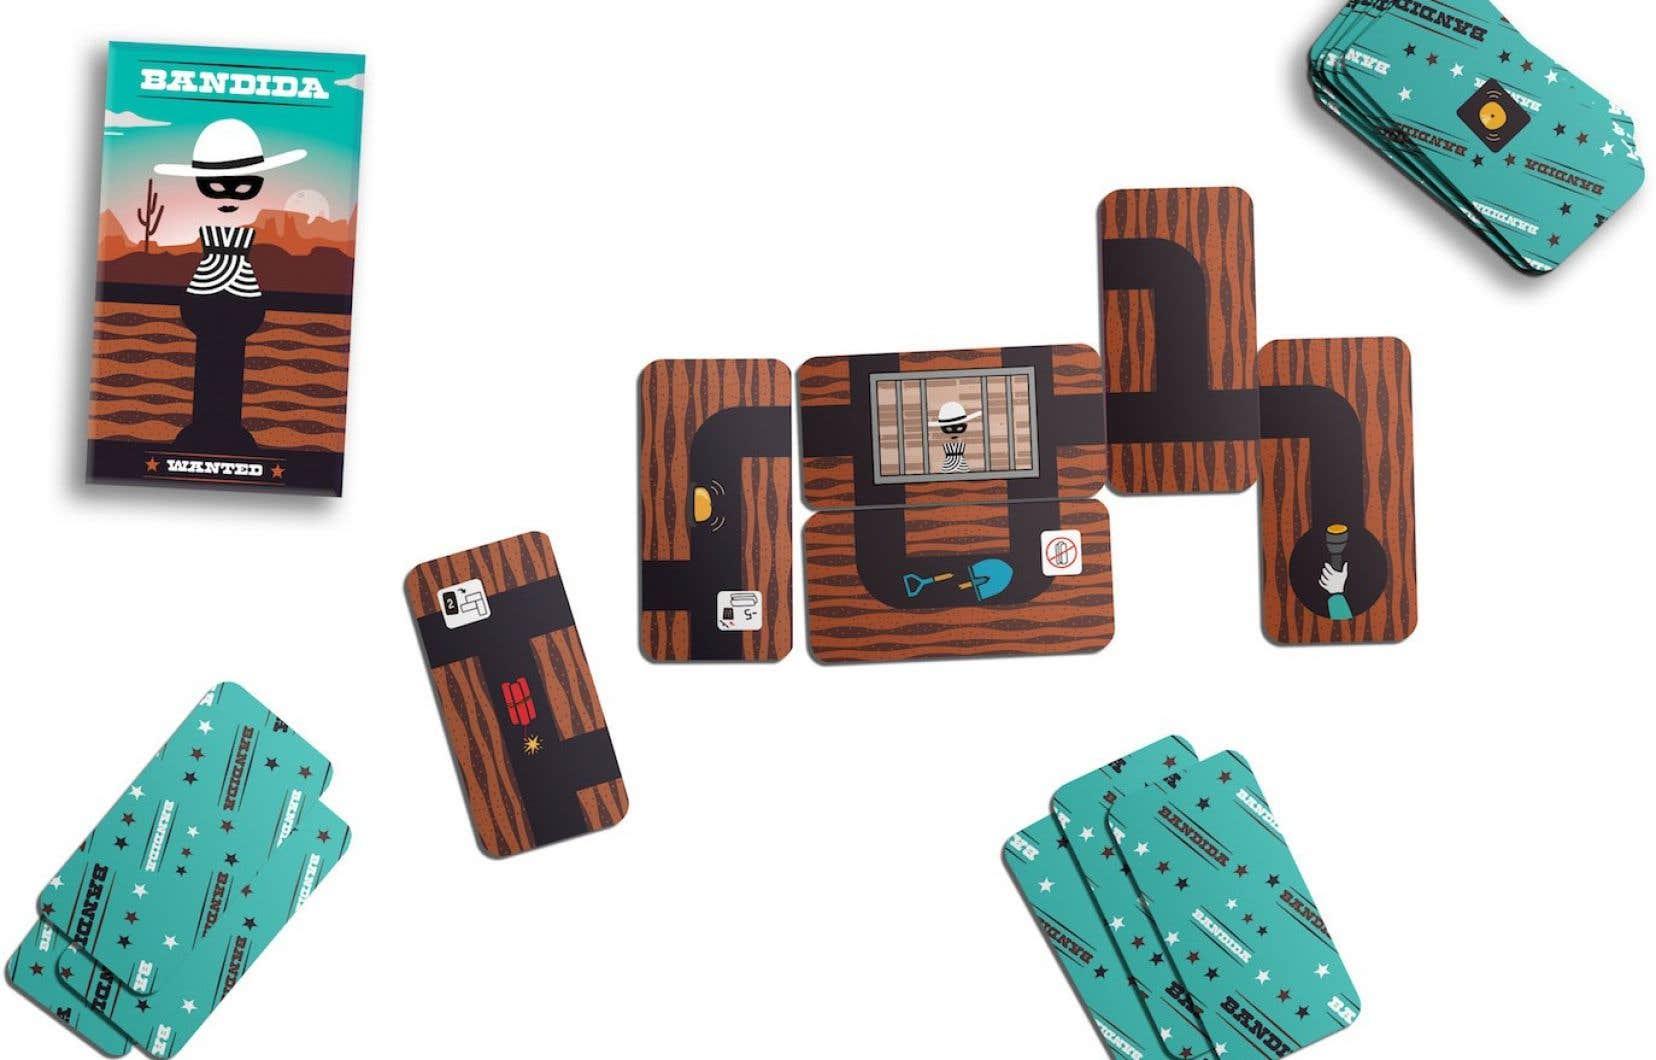 Le jeu Bandida propose plusieurs modes de jeu, permettant de moduler la difficulté ou de varier les plaisirs.